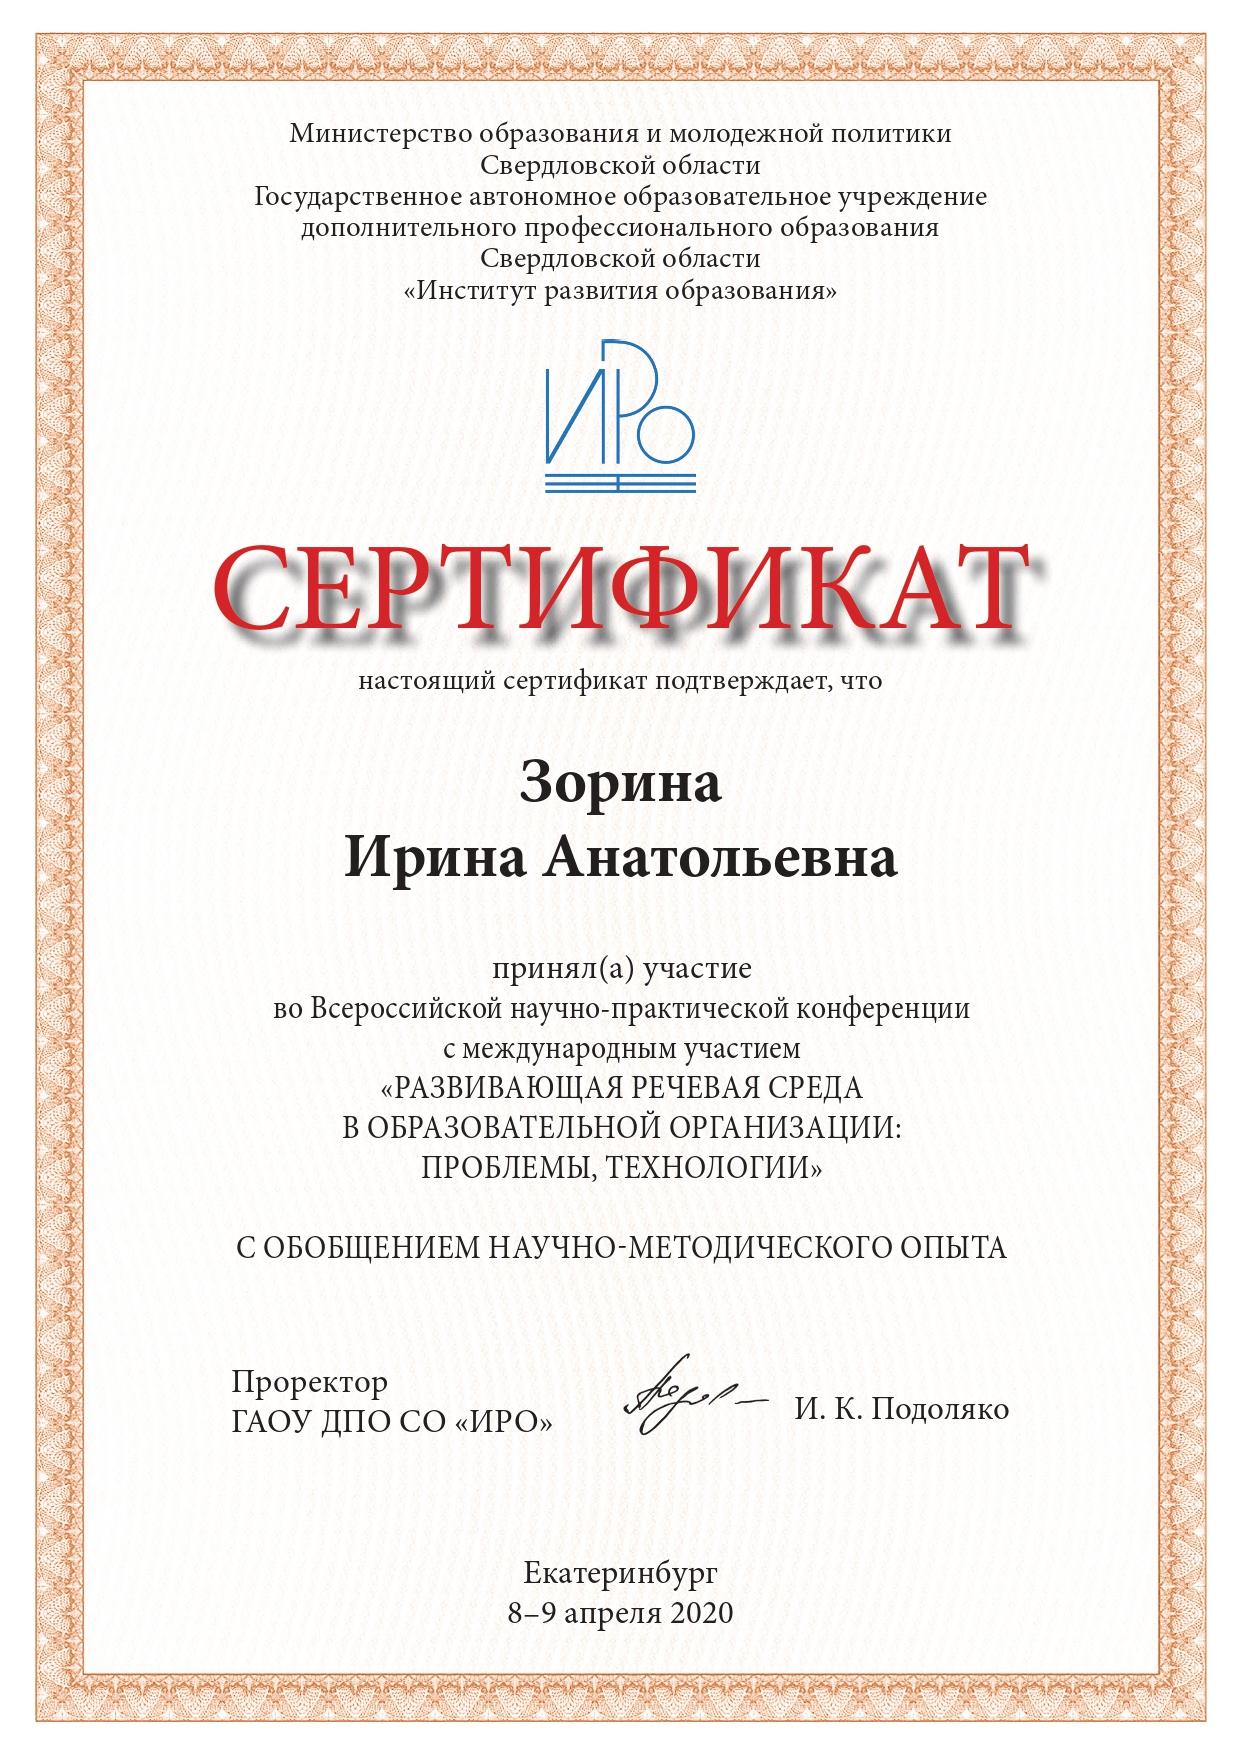 сертификат_ИРО_апрель 2020_page-0001